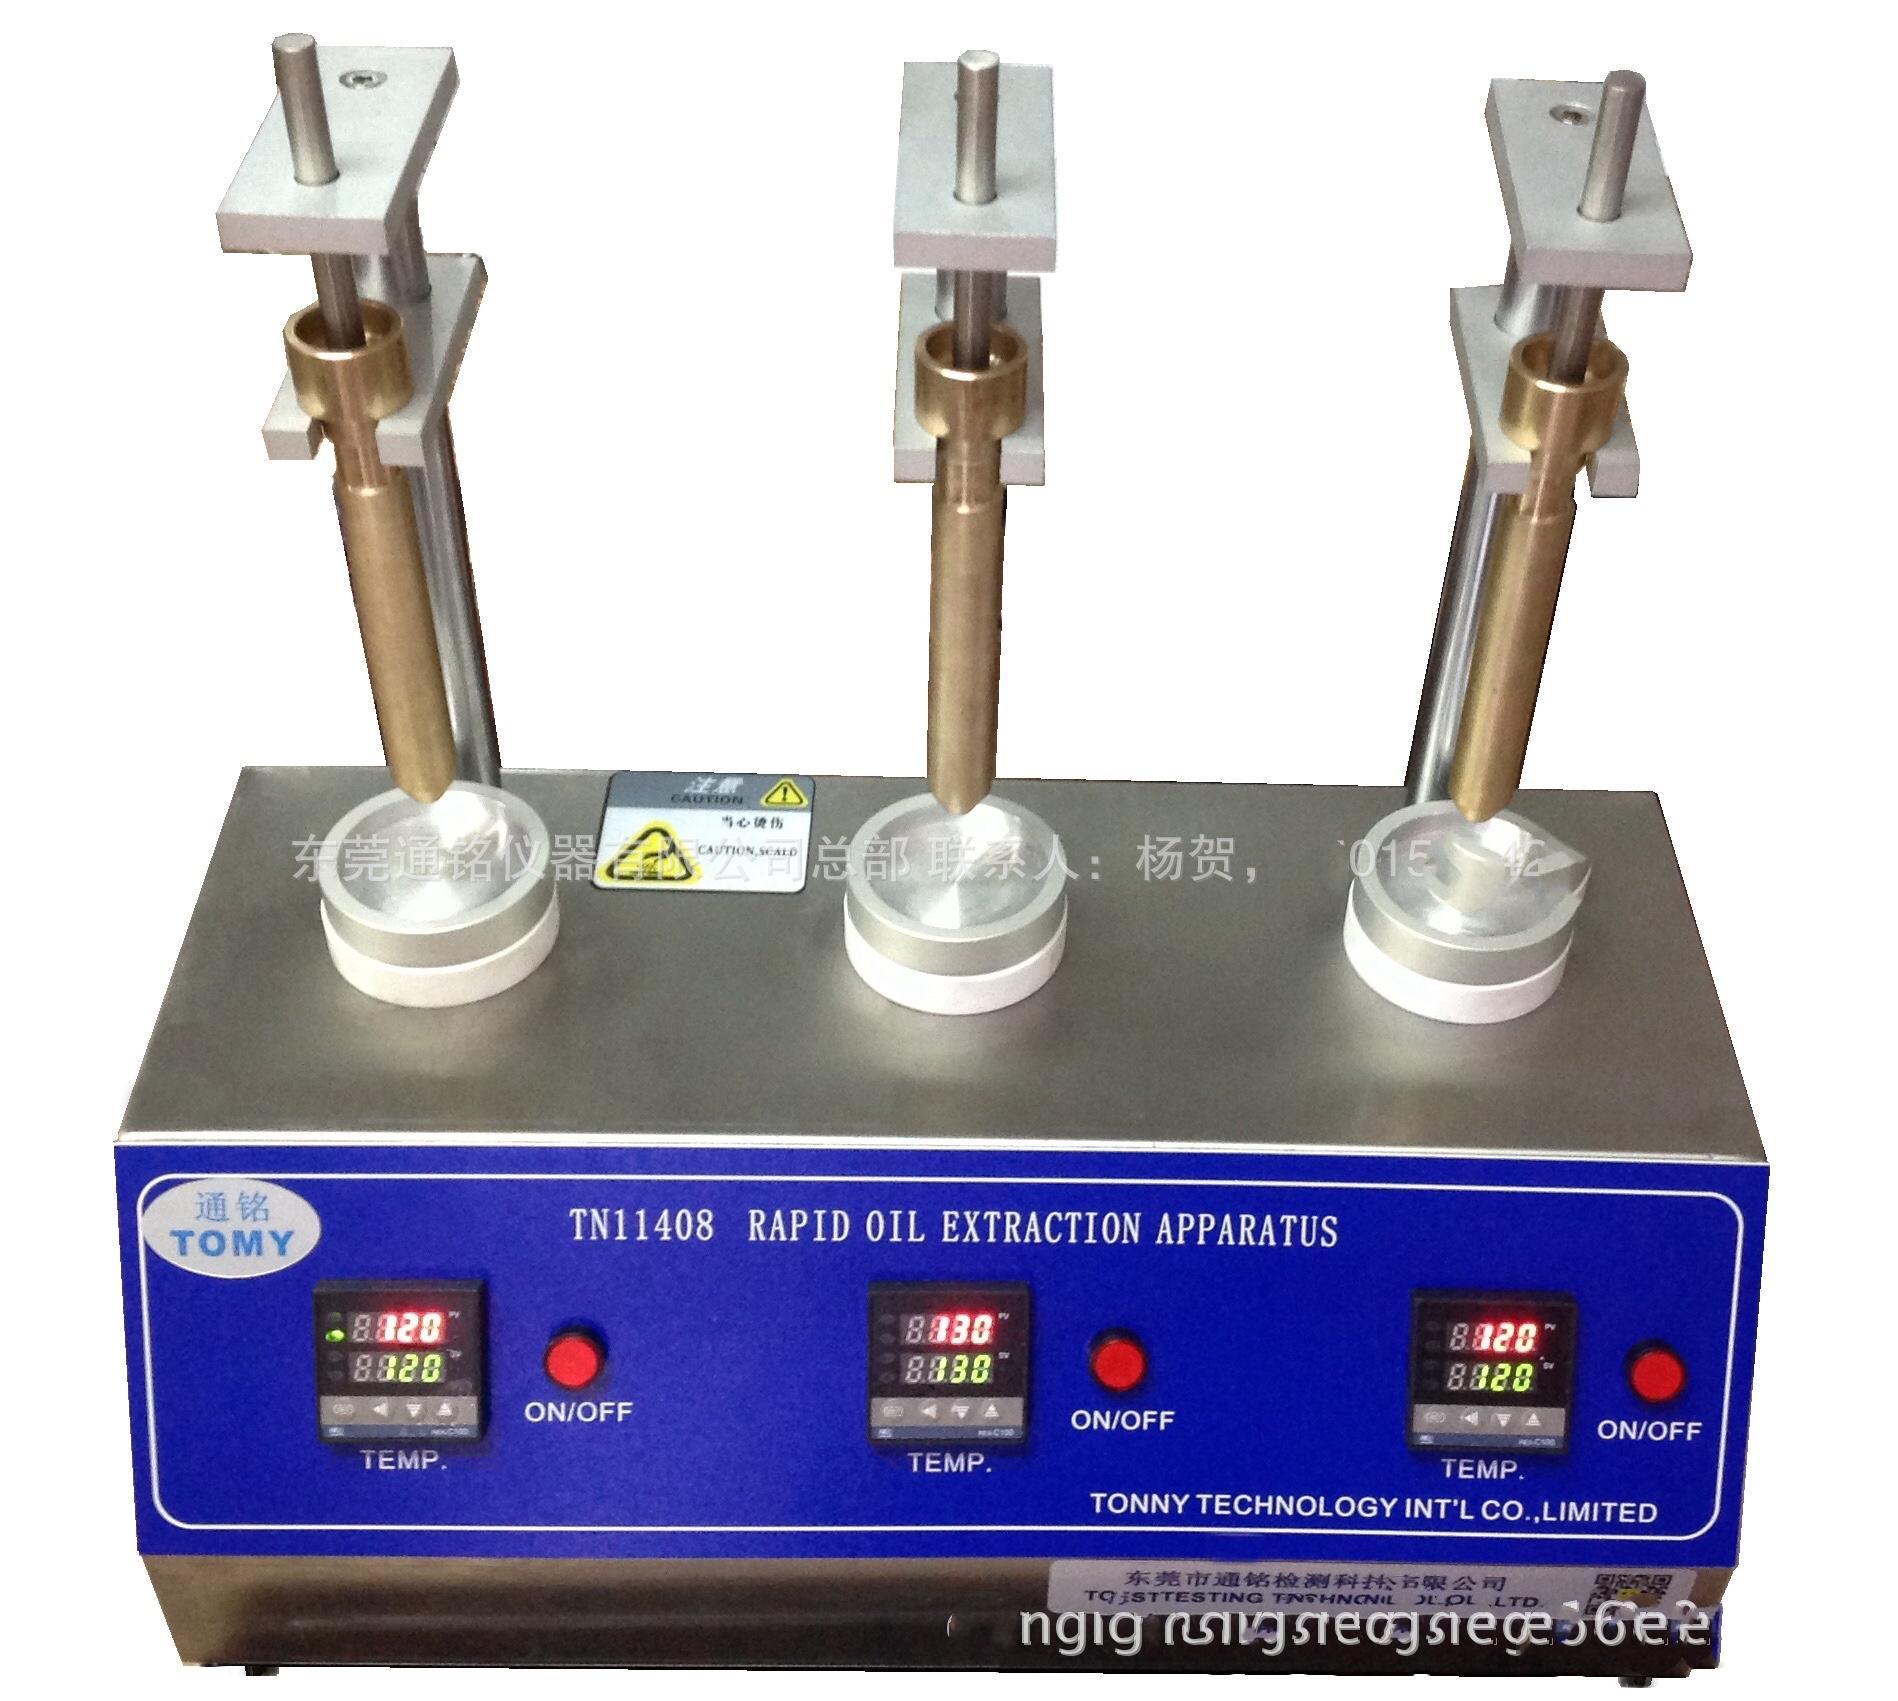 油脂快速萃取仪,含油量测试 Edana ERT 155专业纤维、无纺布测试 1